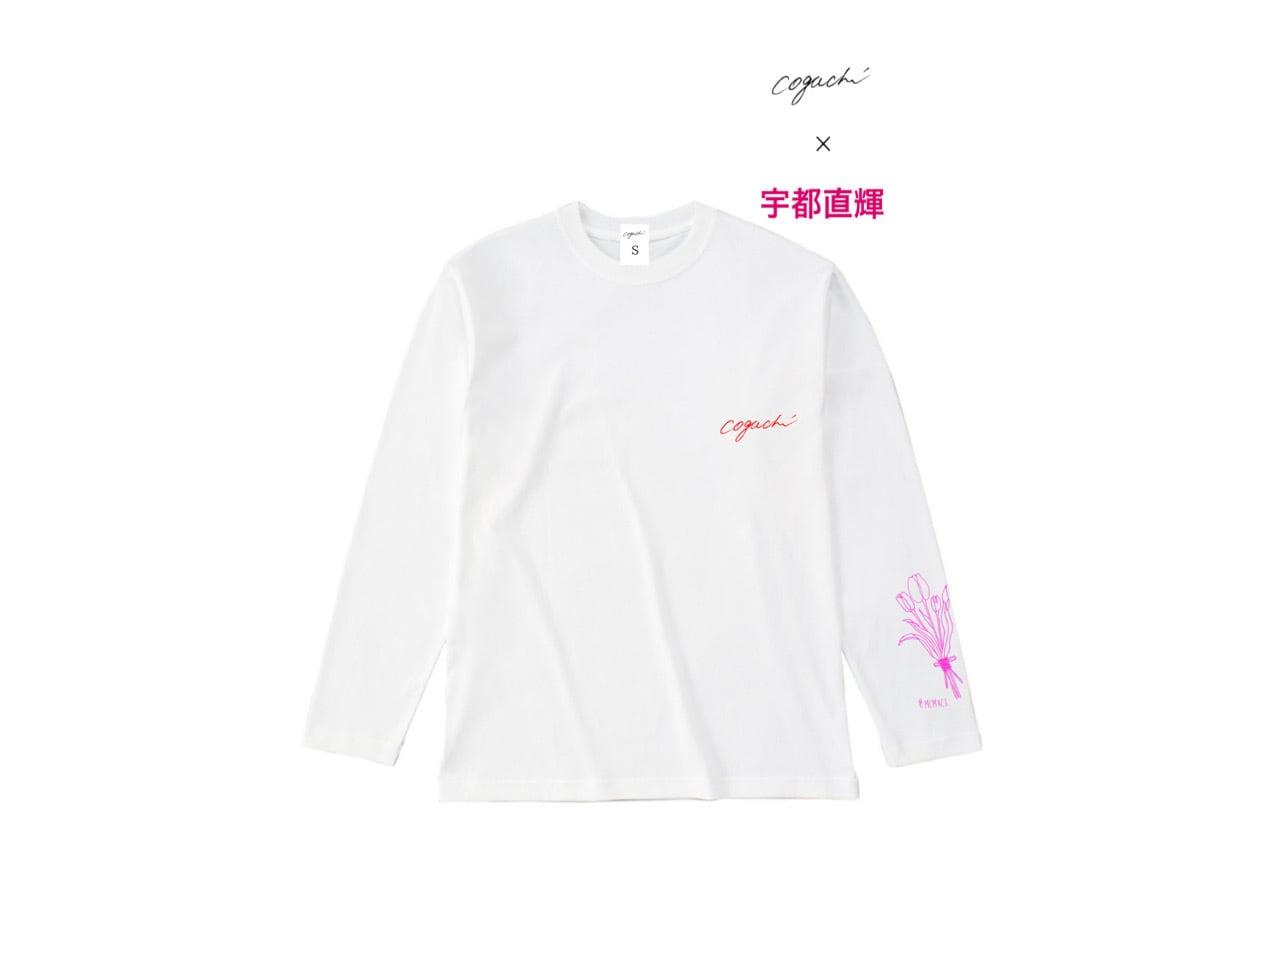 宇都直輝 Special Edition Collection MCMXCI LongTshirts (WH/RED/PNK)